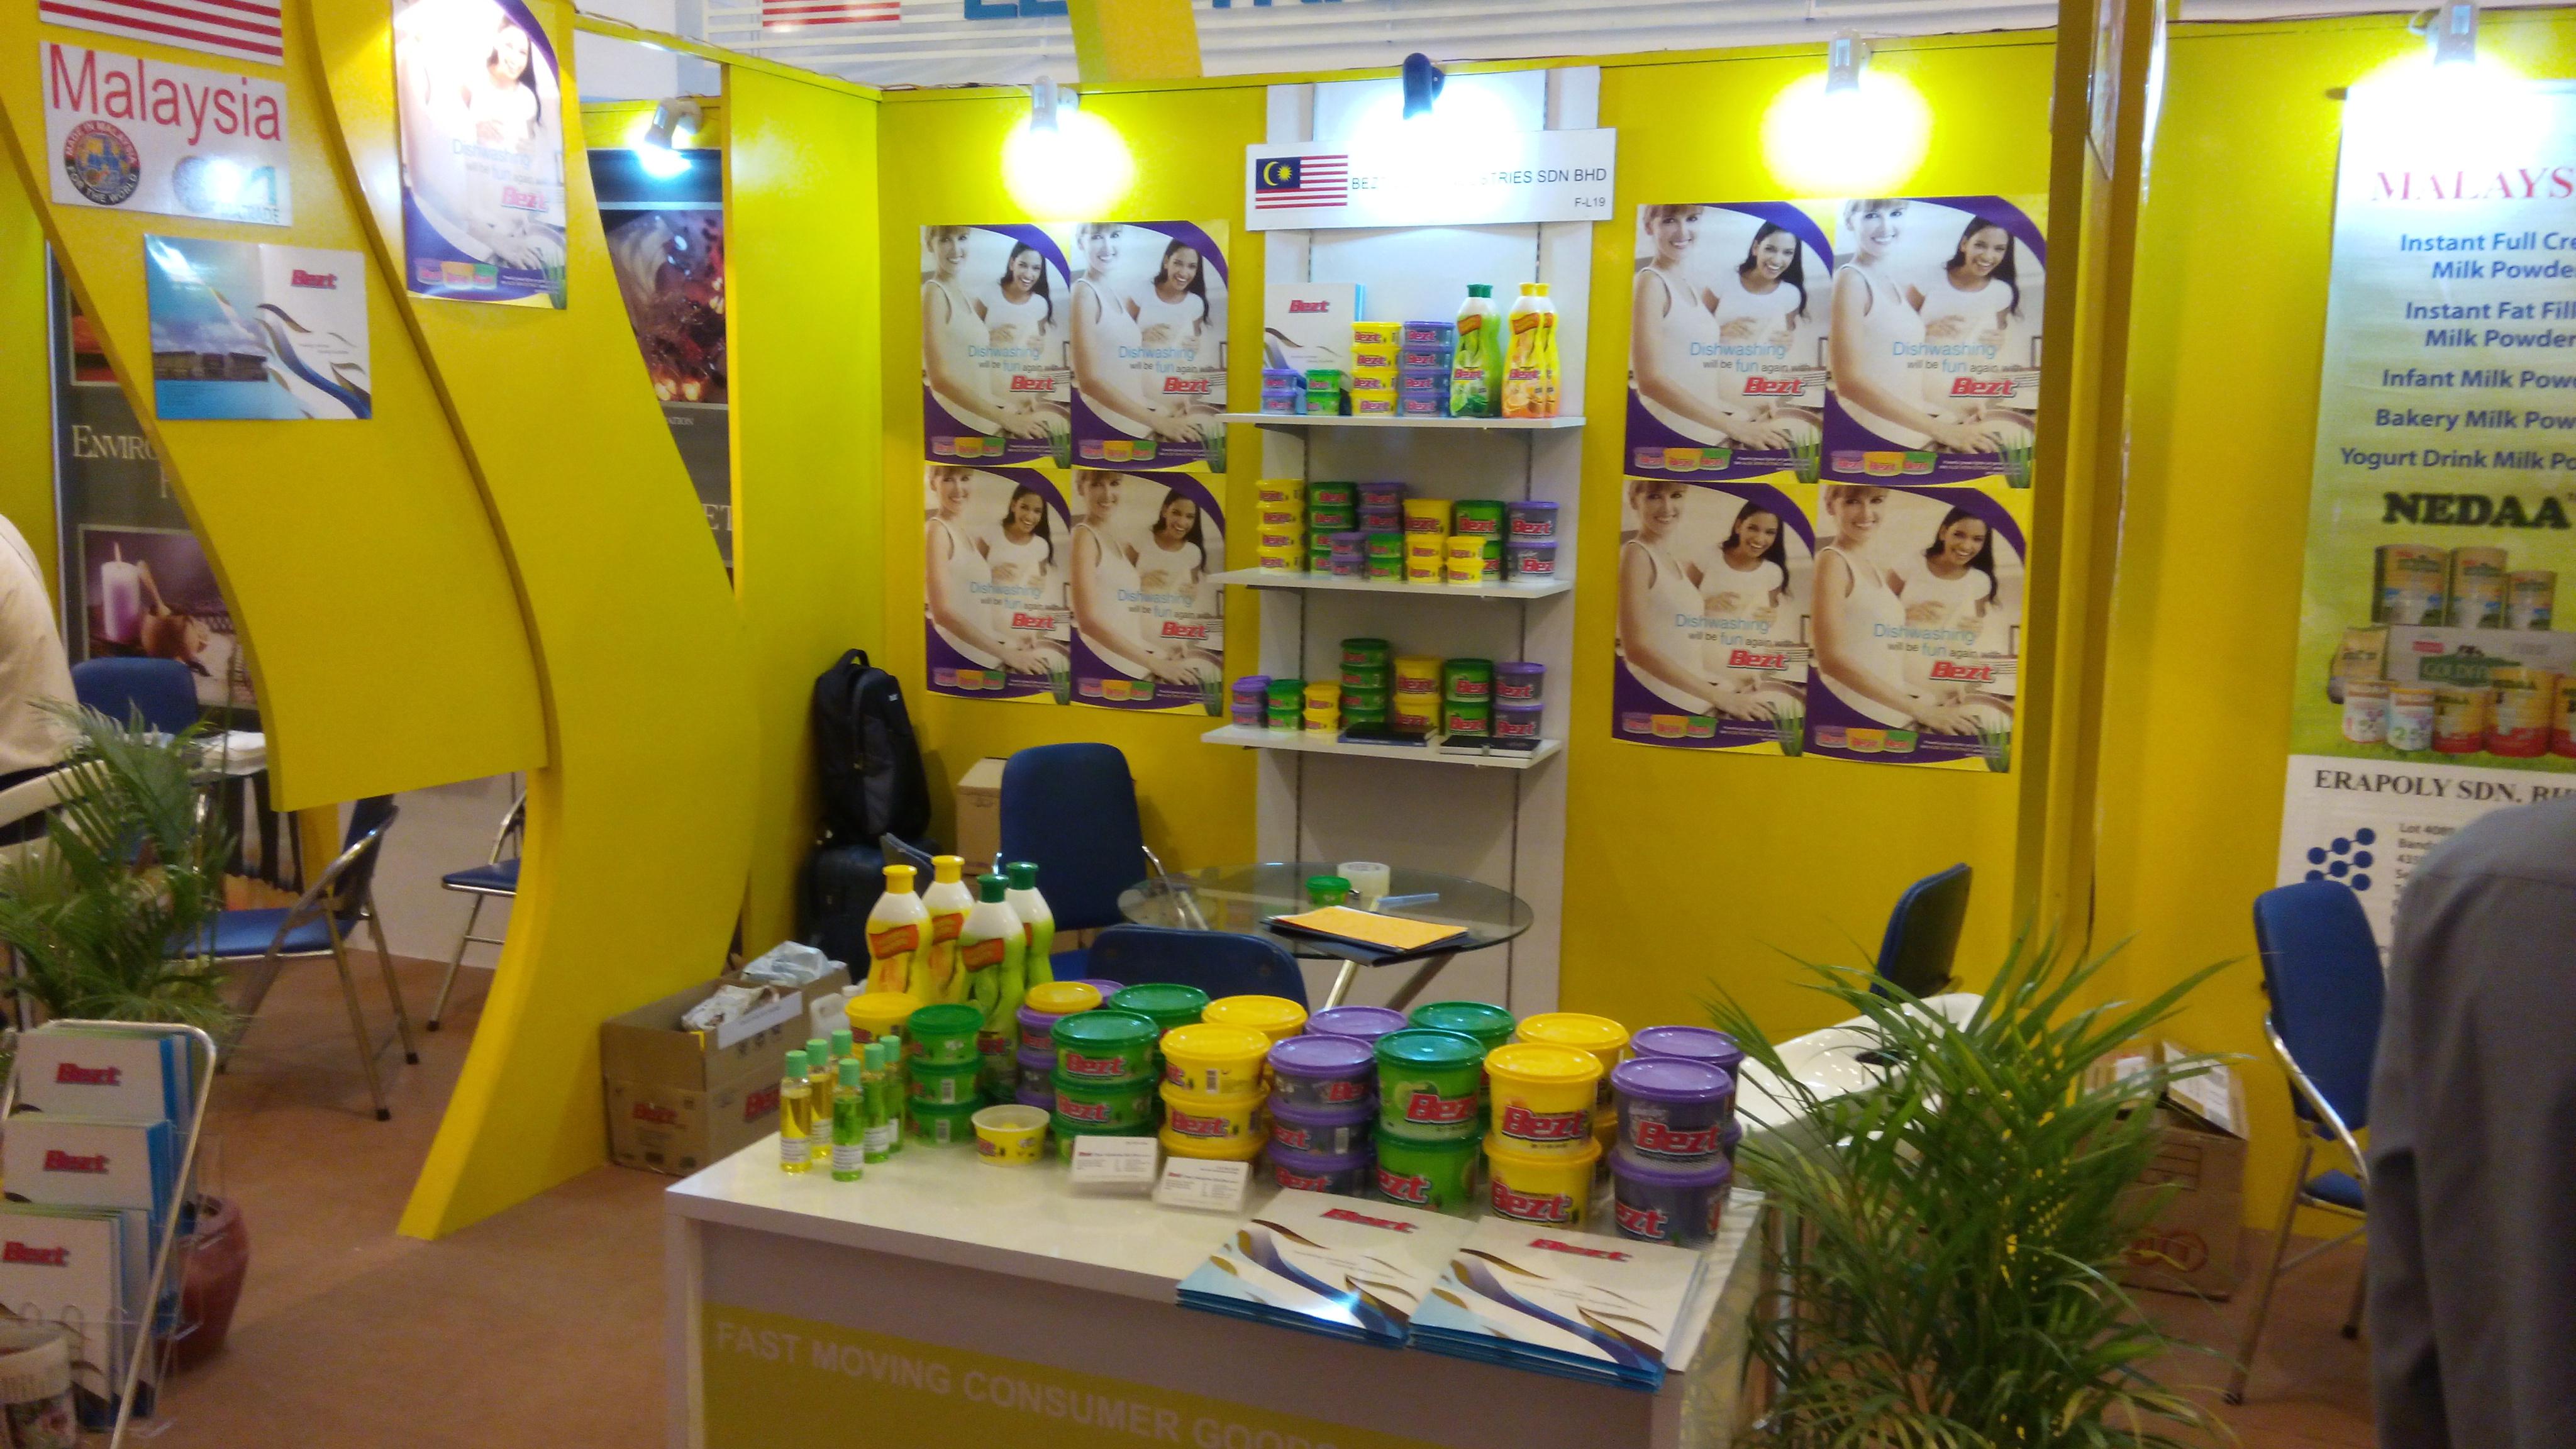 Bezt Clean Industries Sdn Bhd